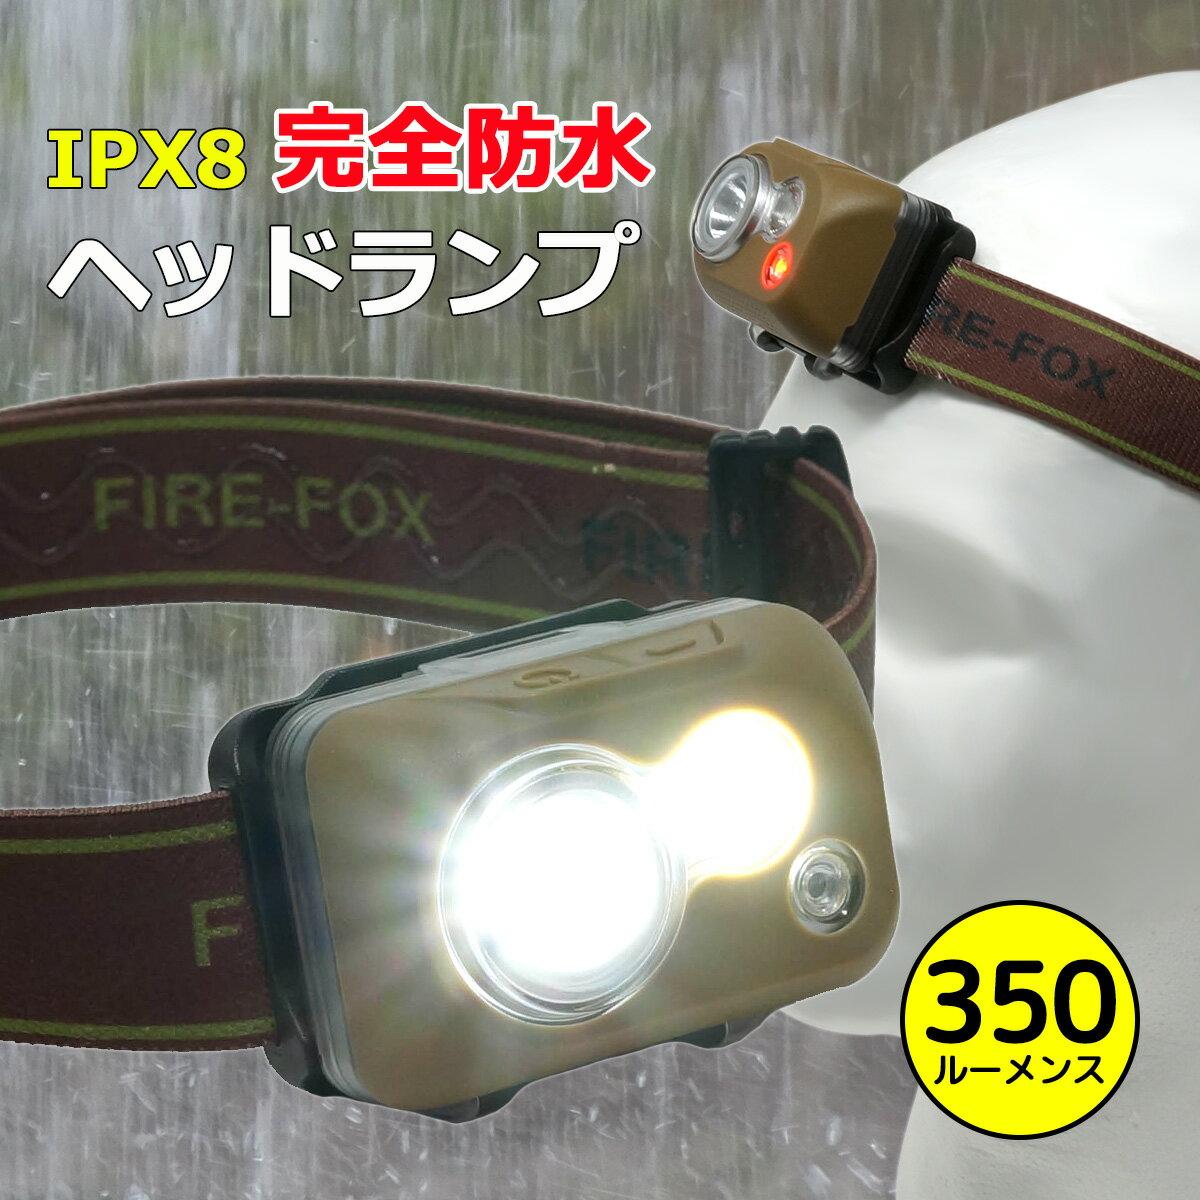 IPX8 防水 LED ヘッドランプ 【滑らないヘッドバンド付】 完全防水 赤白 2色 切替式 自衛隊でも使われている FIREFOXブランド FX-1910